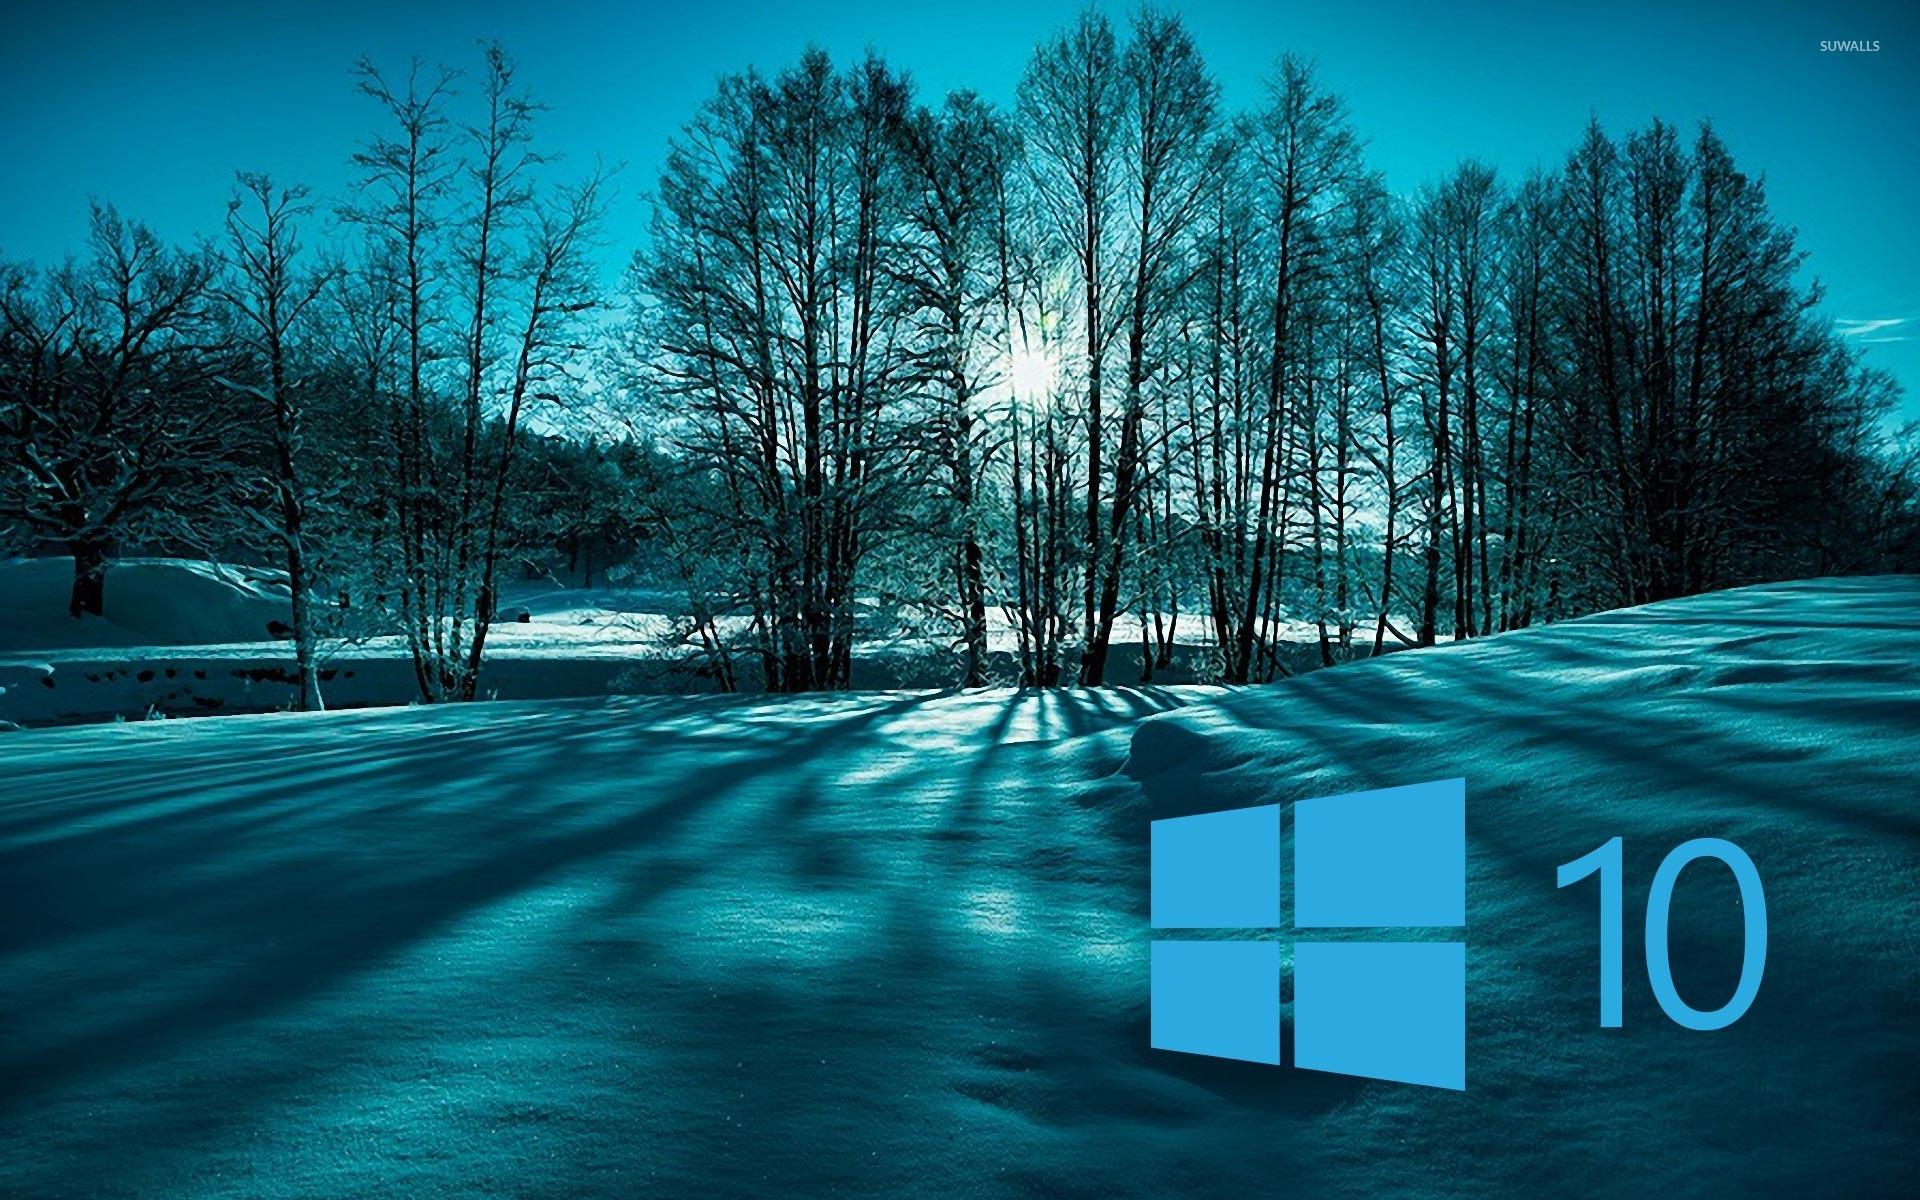 Windows 10 on snowy trees simple blue logo wallpaper for Window 10 wallpaper